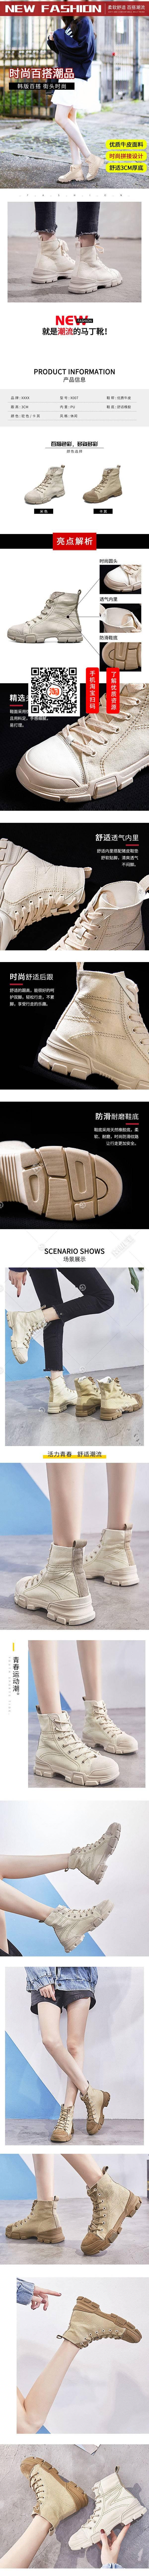 高档创新时尚潮流女鞋详情页